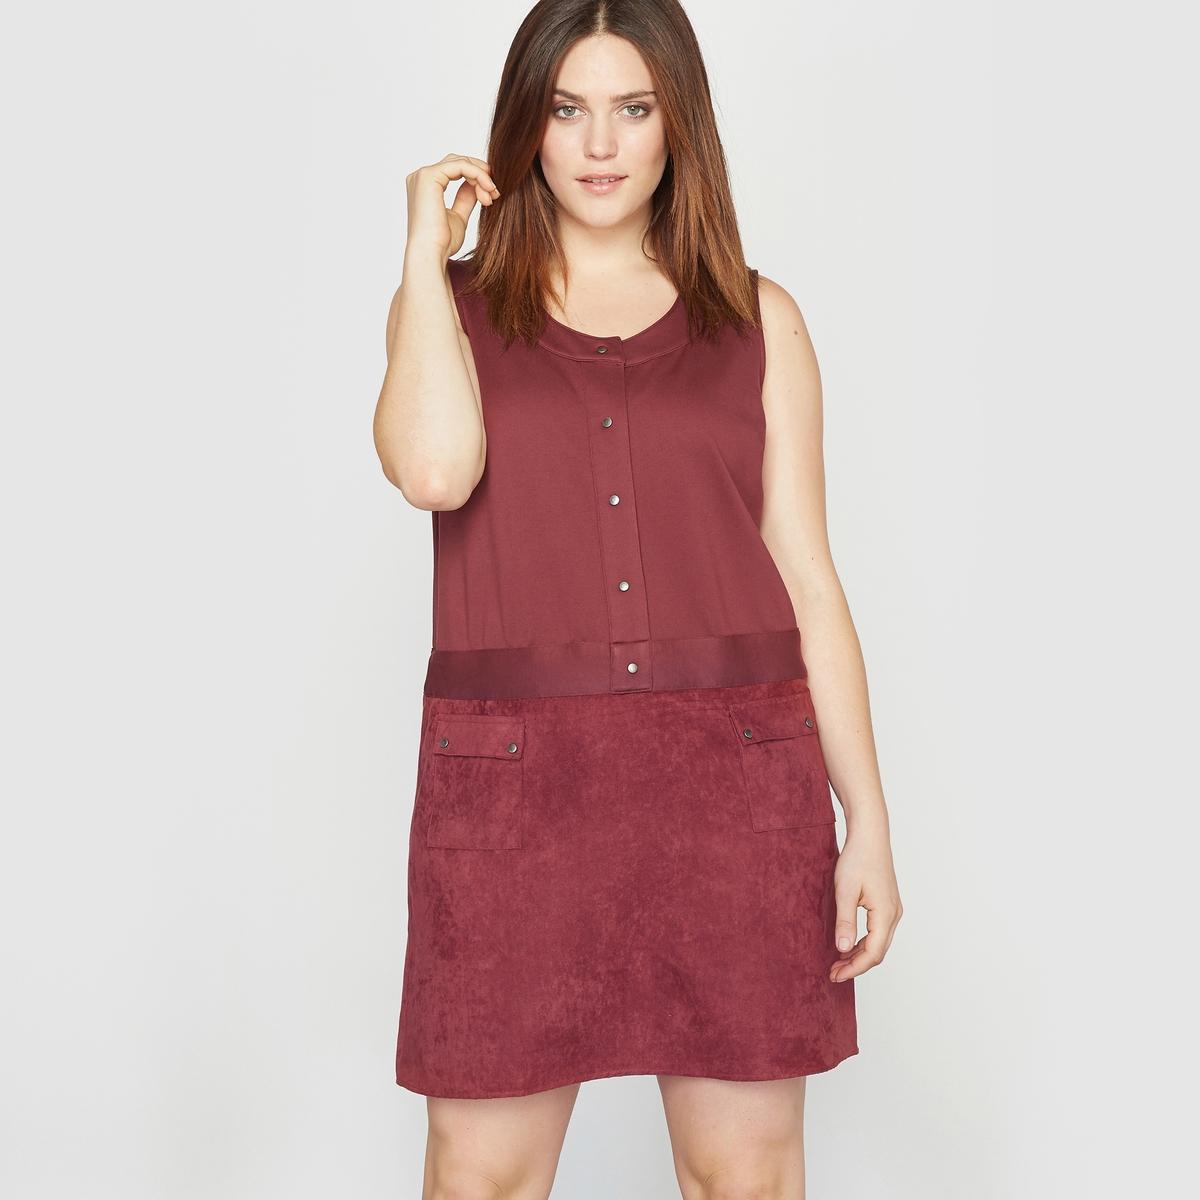 Платье без рукавов из двух материалов с отделкой под кожу платье двухцветное из трикотажа милано